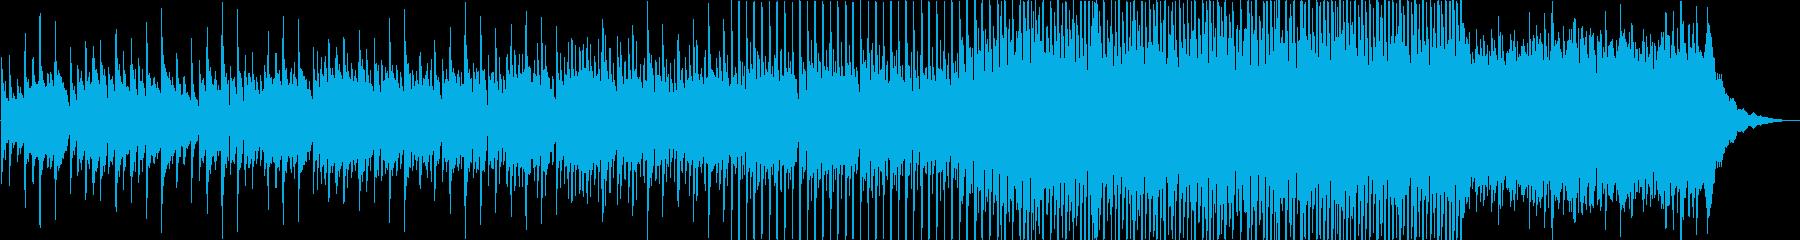 ボナペティな雰囲気のアコギインストの再生済みの波形